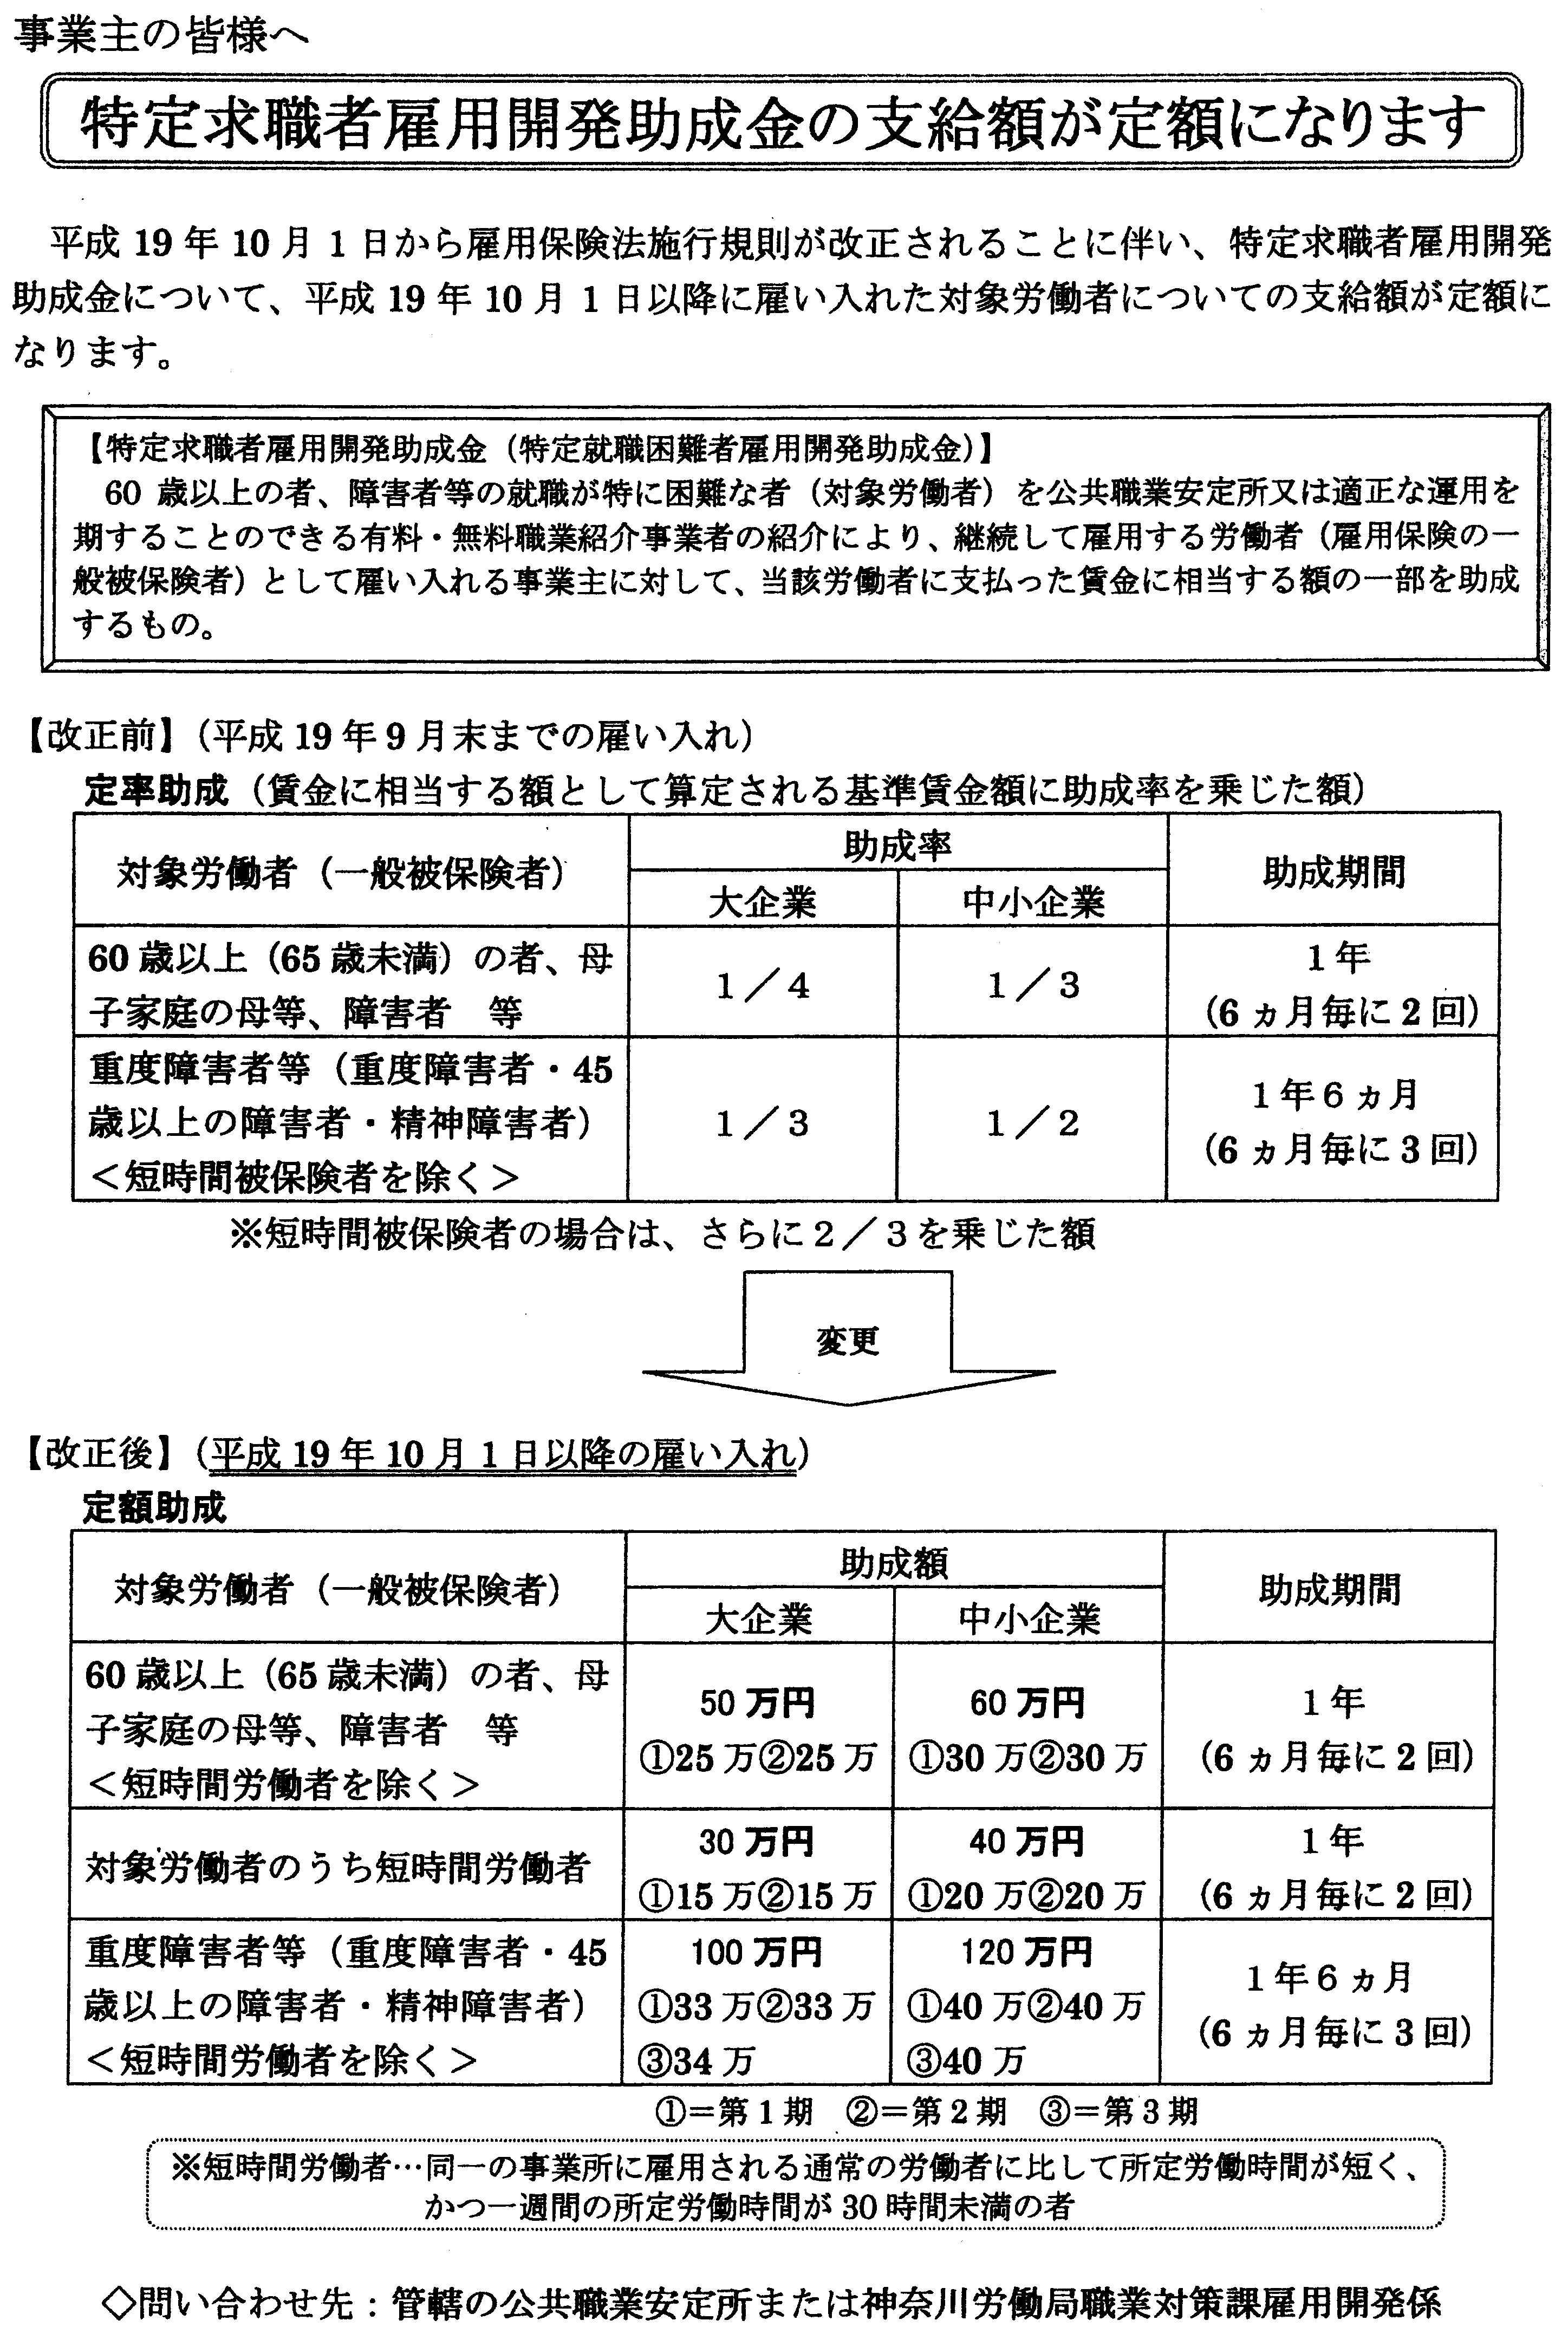 助成金申請の書き方とフォーマット|書式のダウンロードと書き方は書式の王様